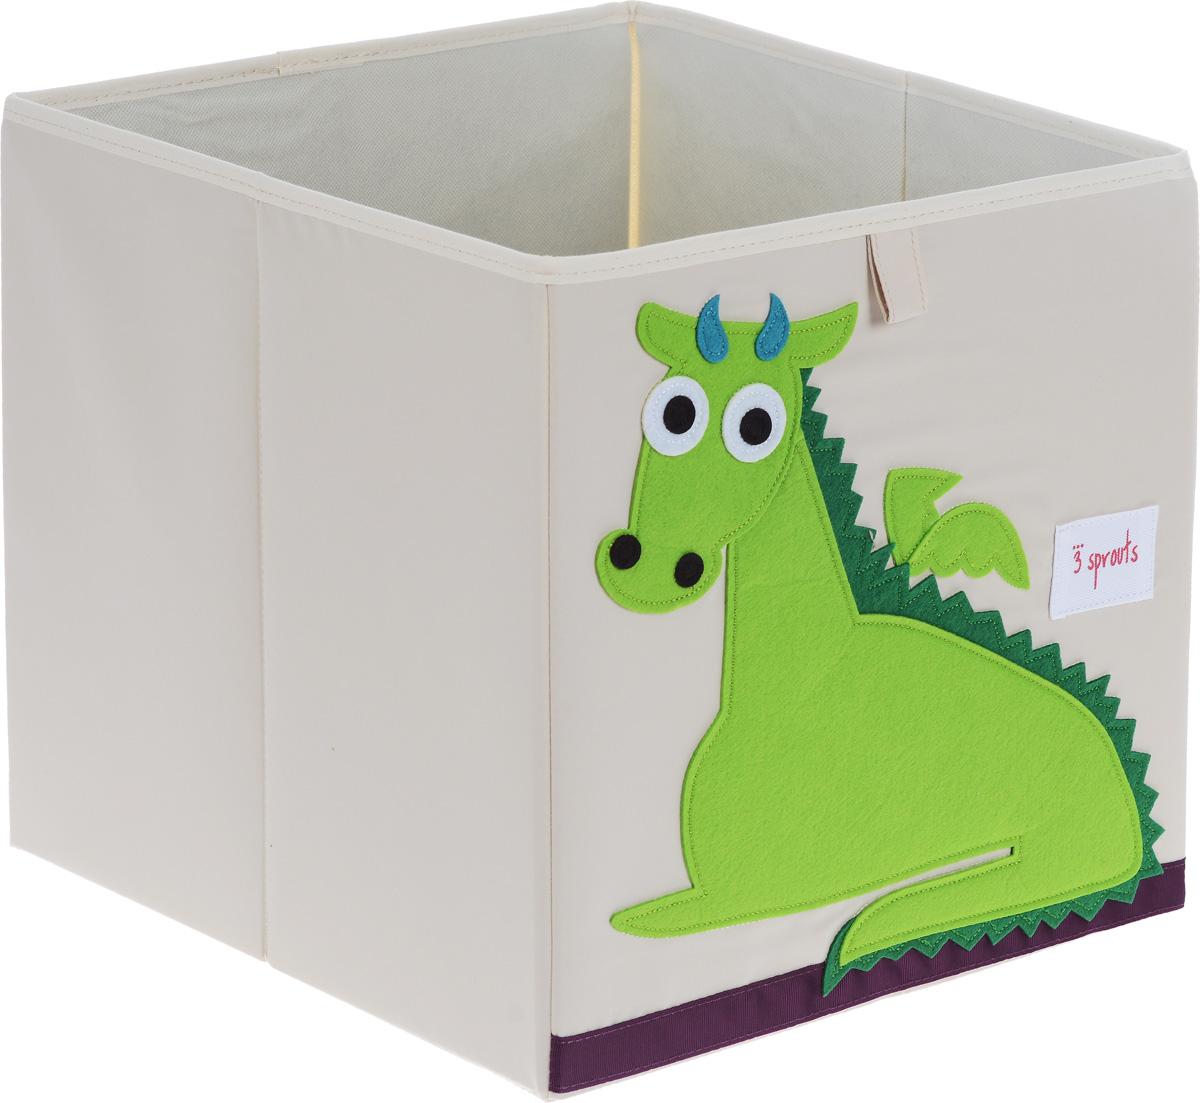 3 Sprouts Коробка для хранения Дракон67381Коробка для хранения 3 Sprouts Дракон - это отличный вариант организации пространства любой комнаты. Стороны коробки усилены с помощью картона, поэтому она всегда стоит ровно. Помещается практически во все стеллажи с квадратными отсеками и добавляет озорства любой комнате. Стоит ли коробка отдельно или на полке стеллажа, она обеспечит прекрасную организацию в вашем доме. Уход: снаружи - только выведение пятен.